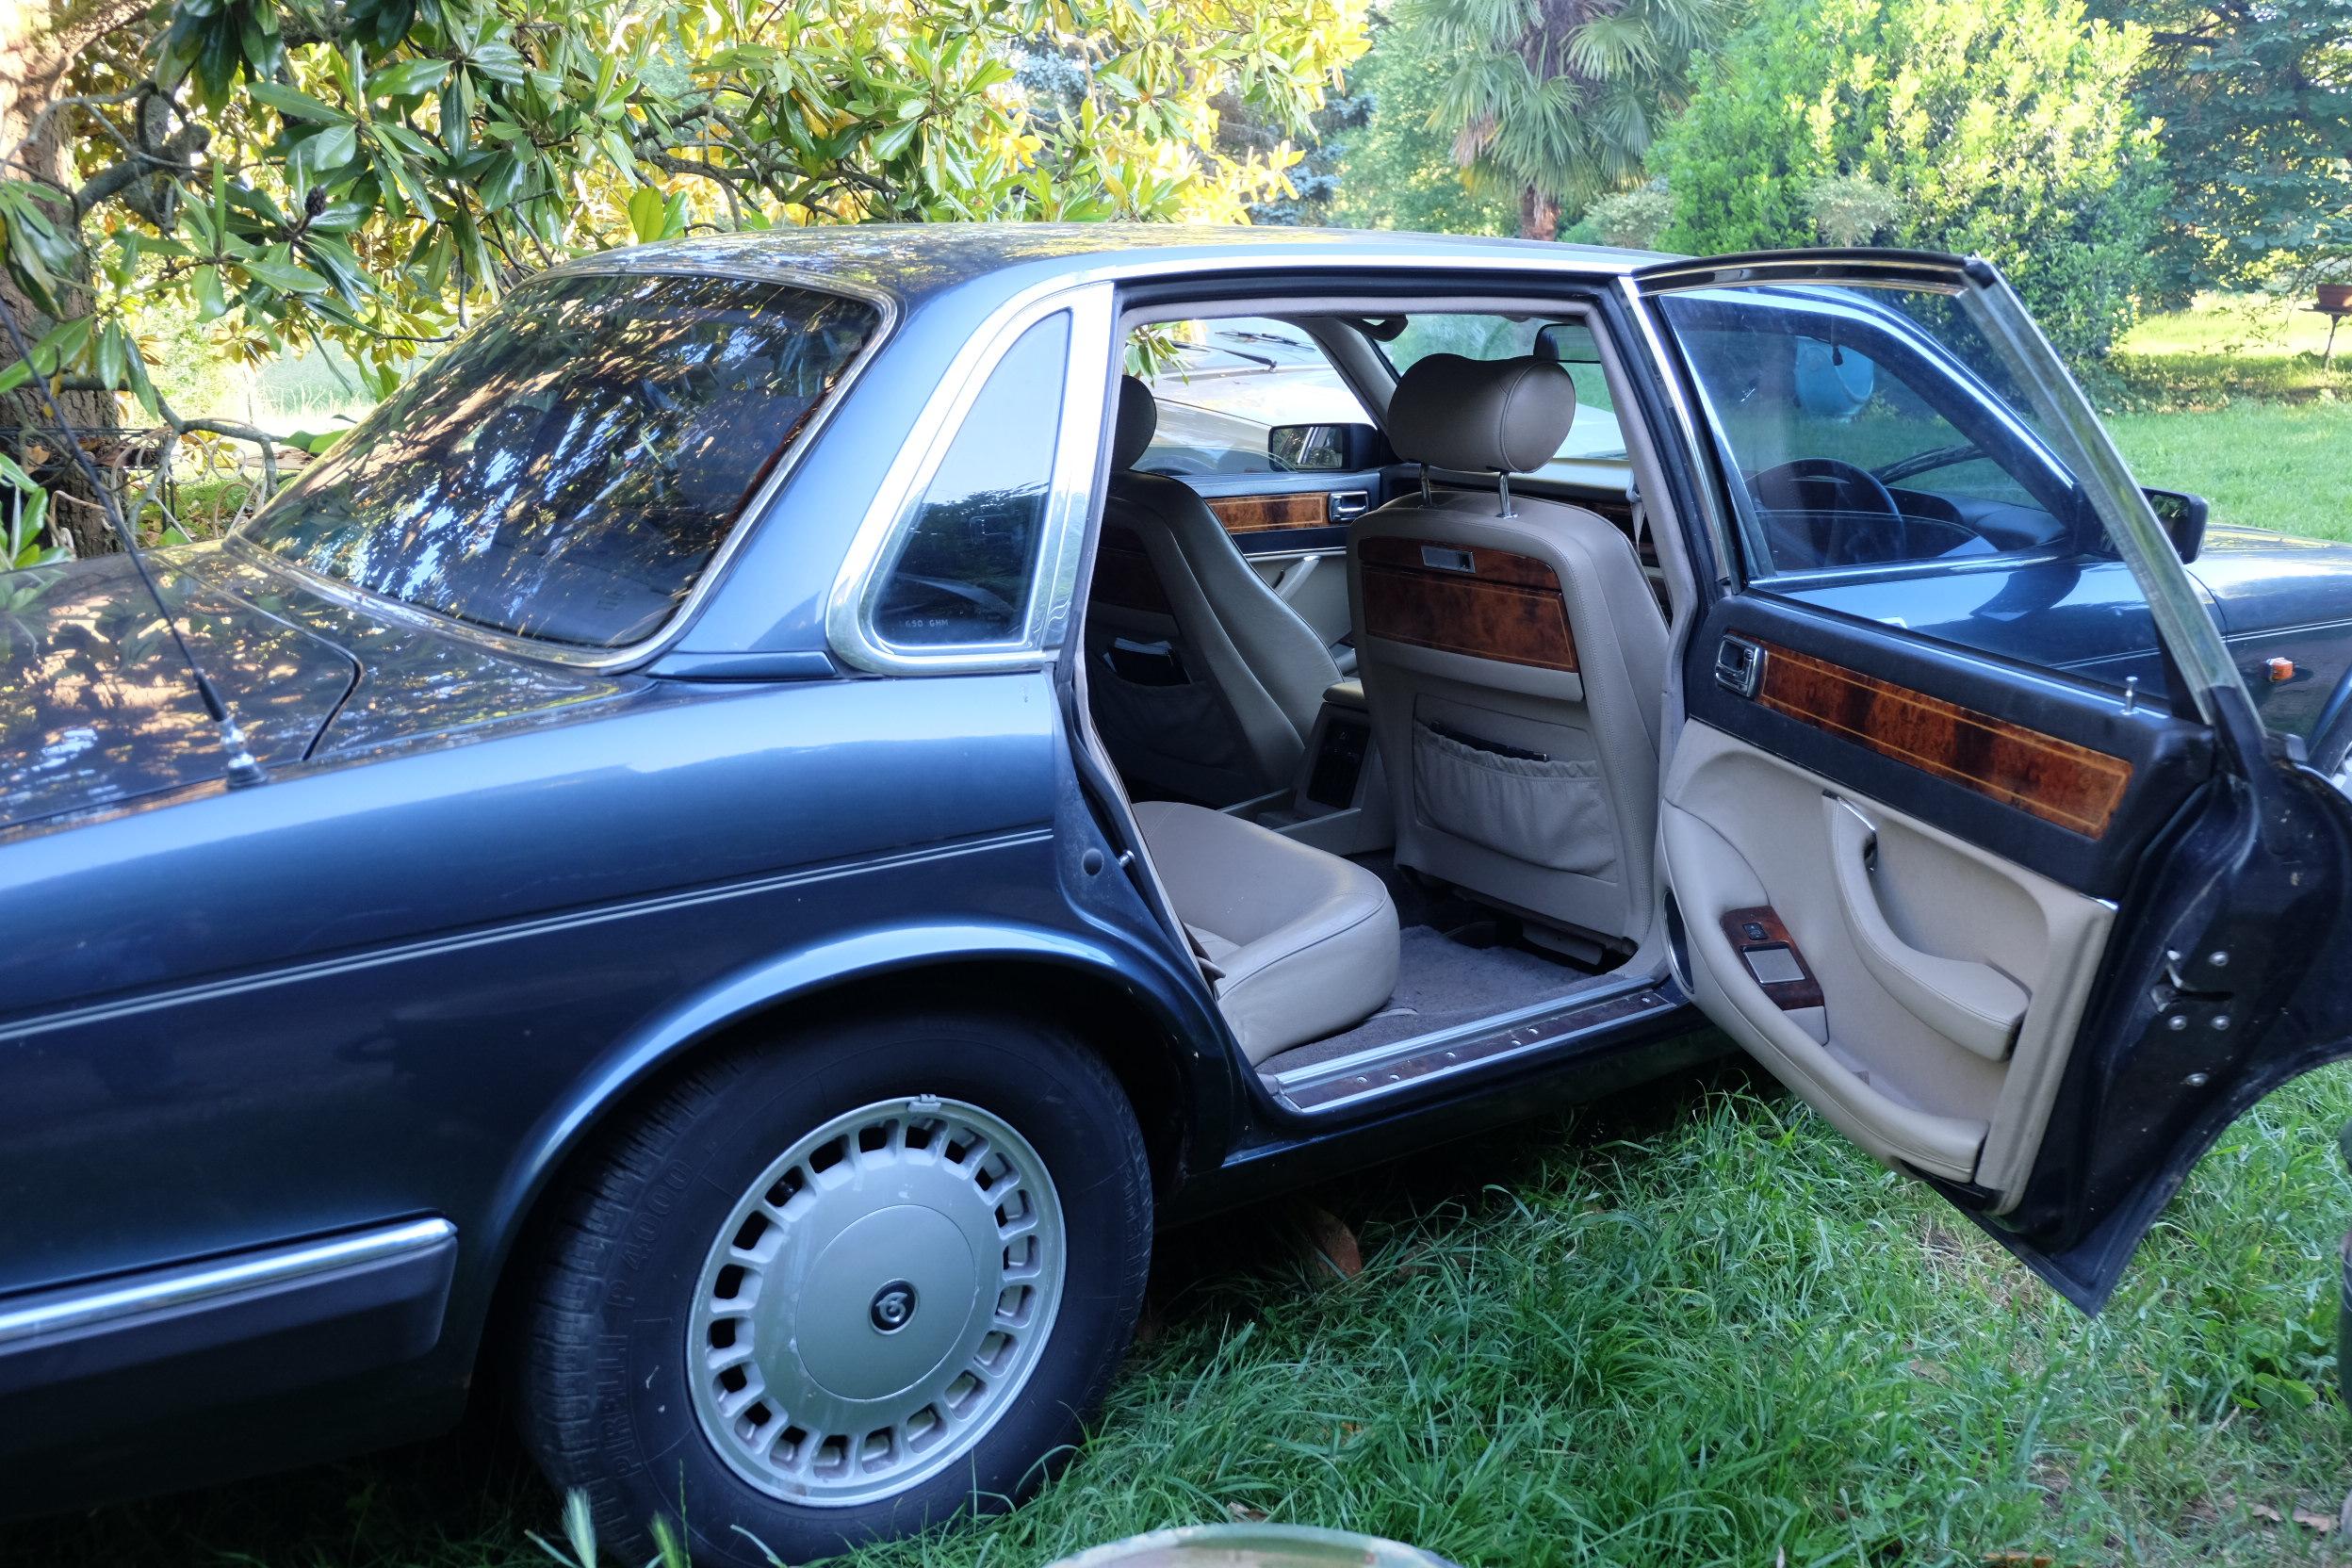 Authentique Youngtimer ou Jaguar haut de gamme pas encore assez «vieille mon fils»?